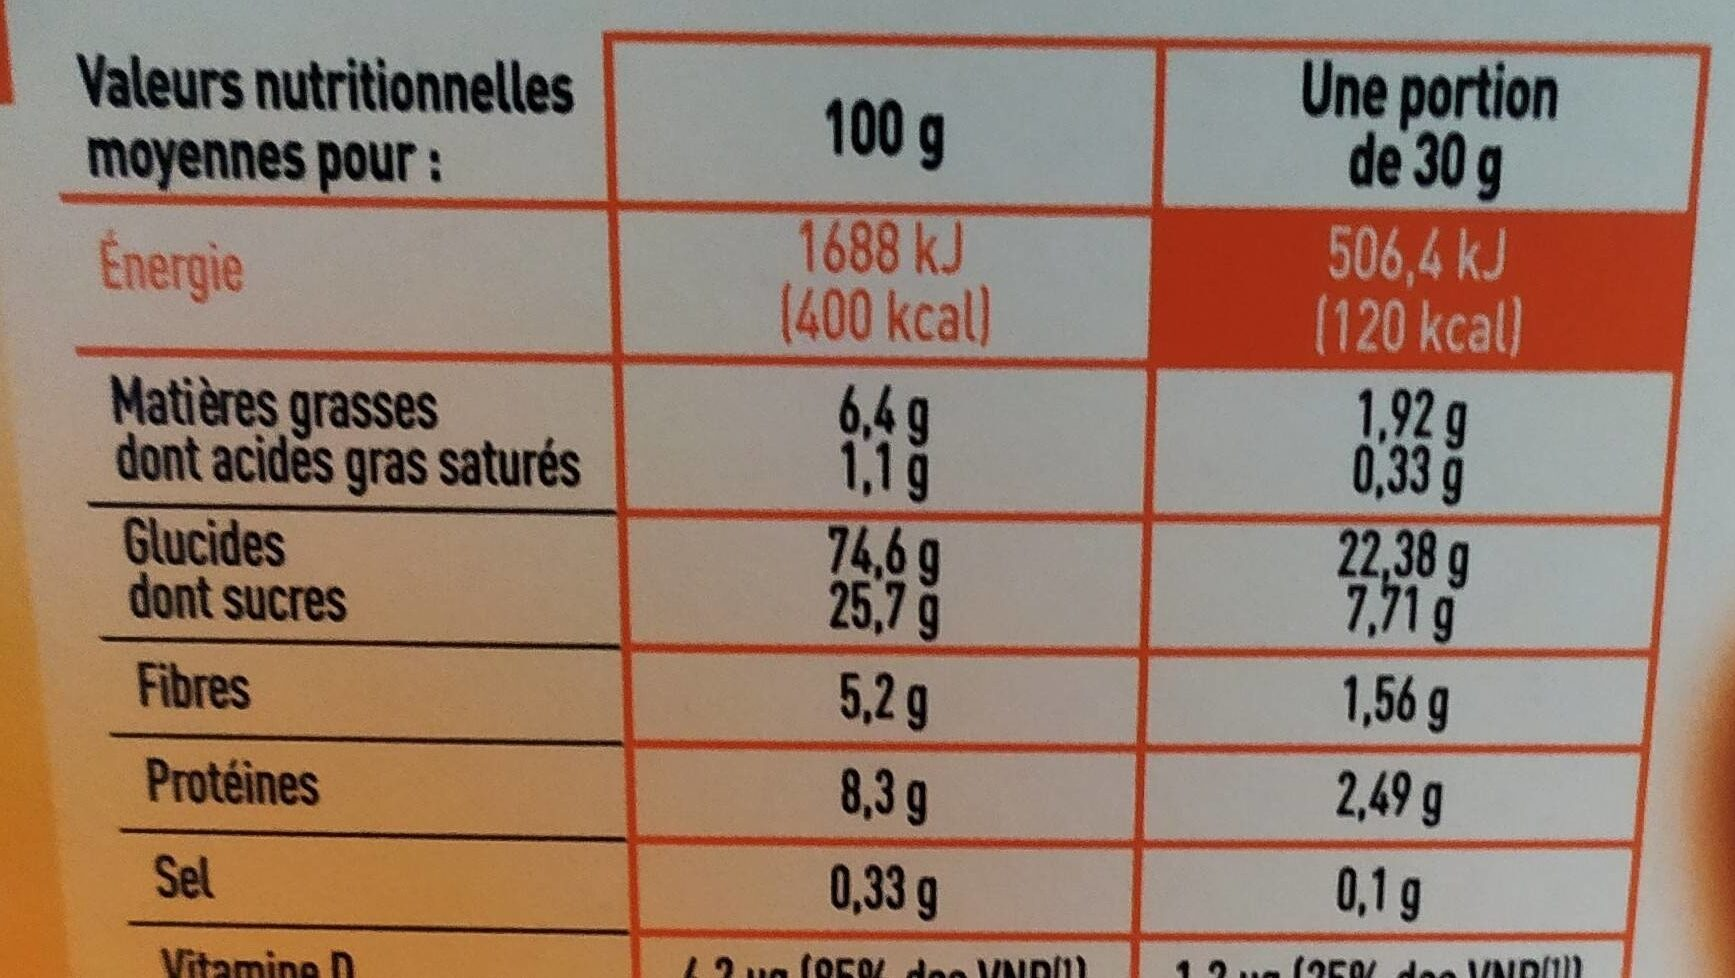 Céréales soufflées caramel & chocolat - Informations nutritionnelles